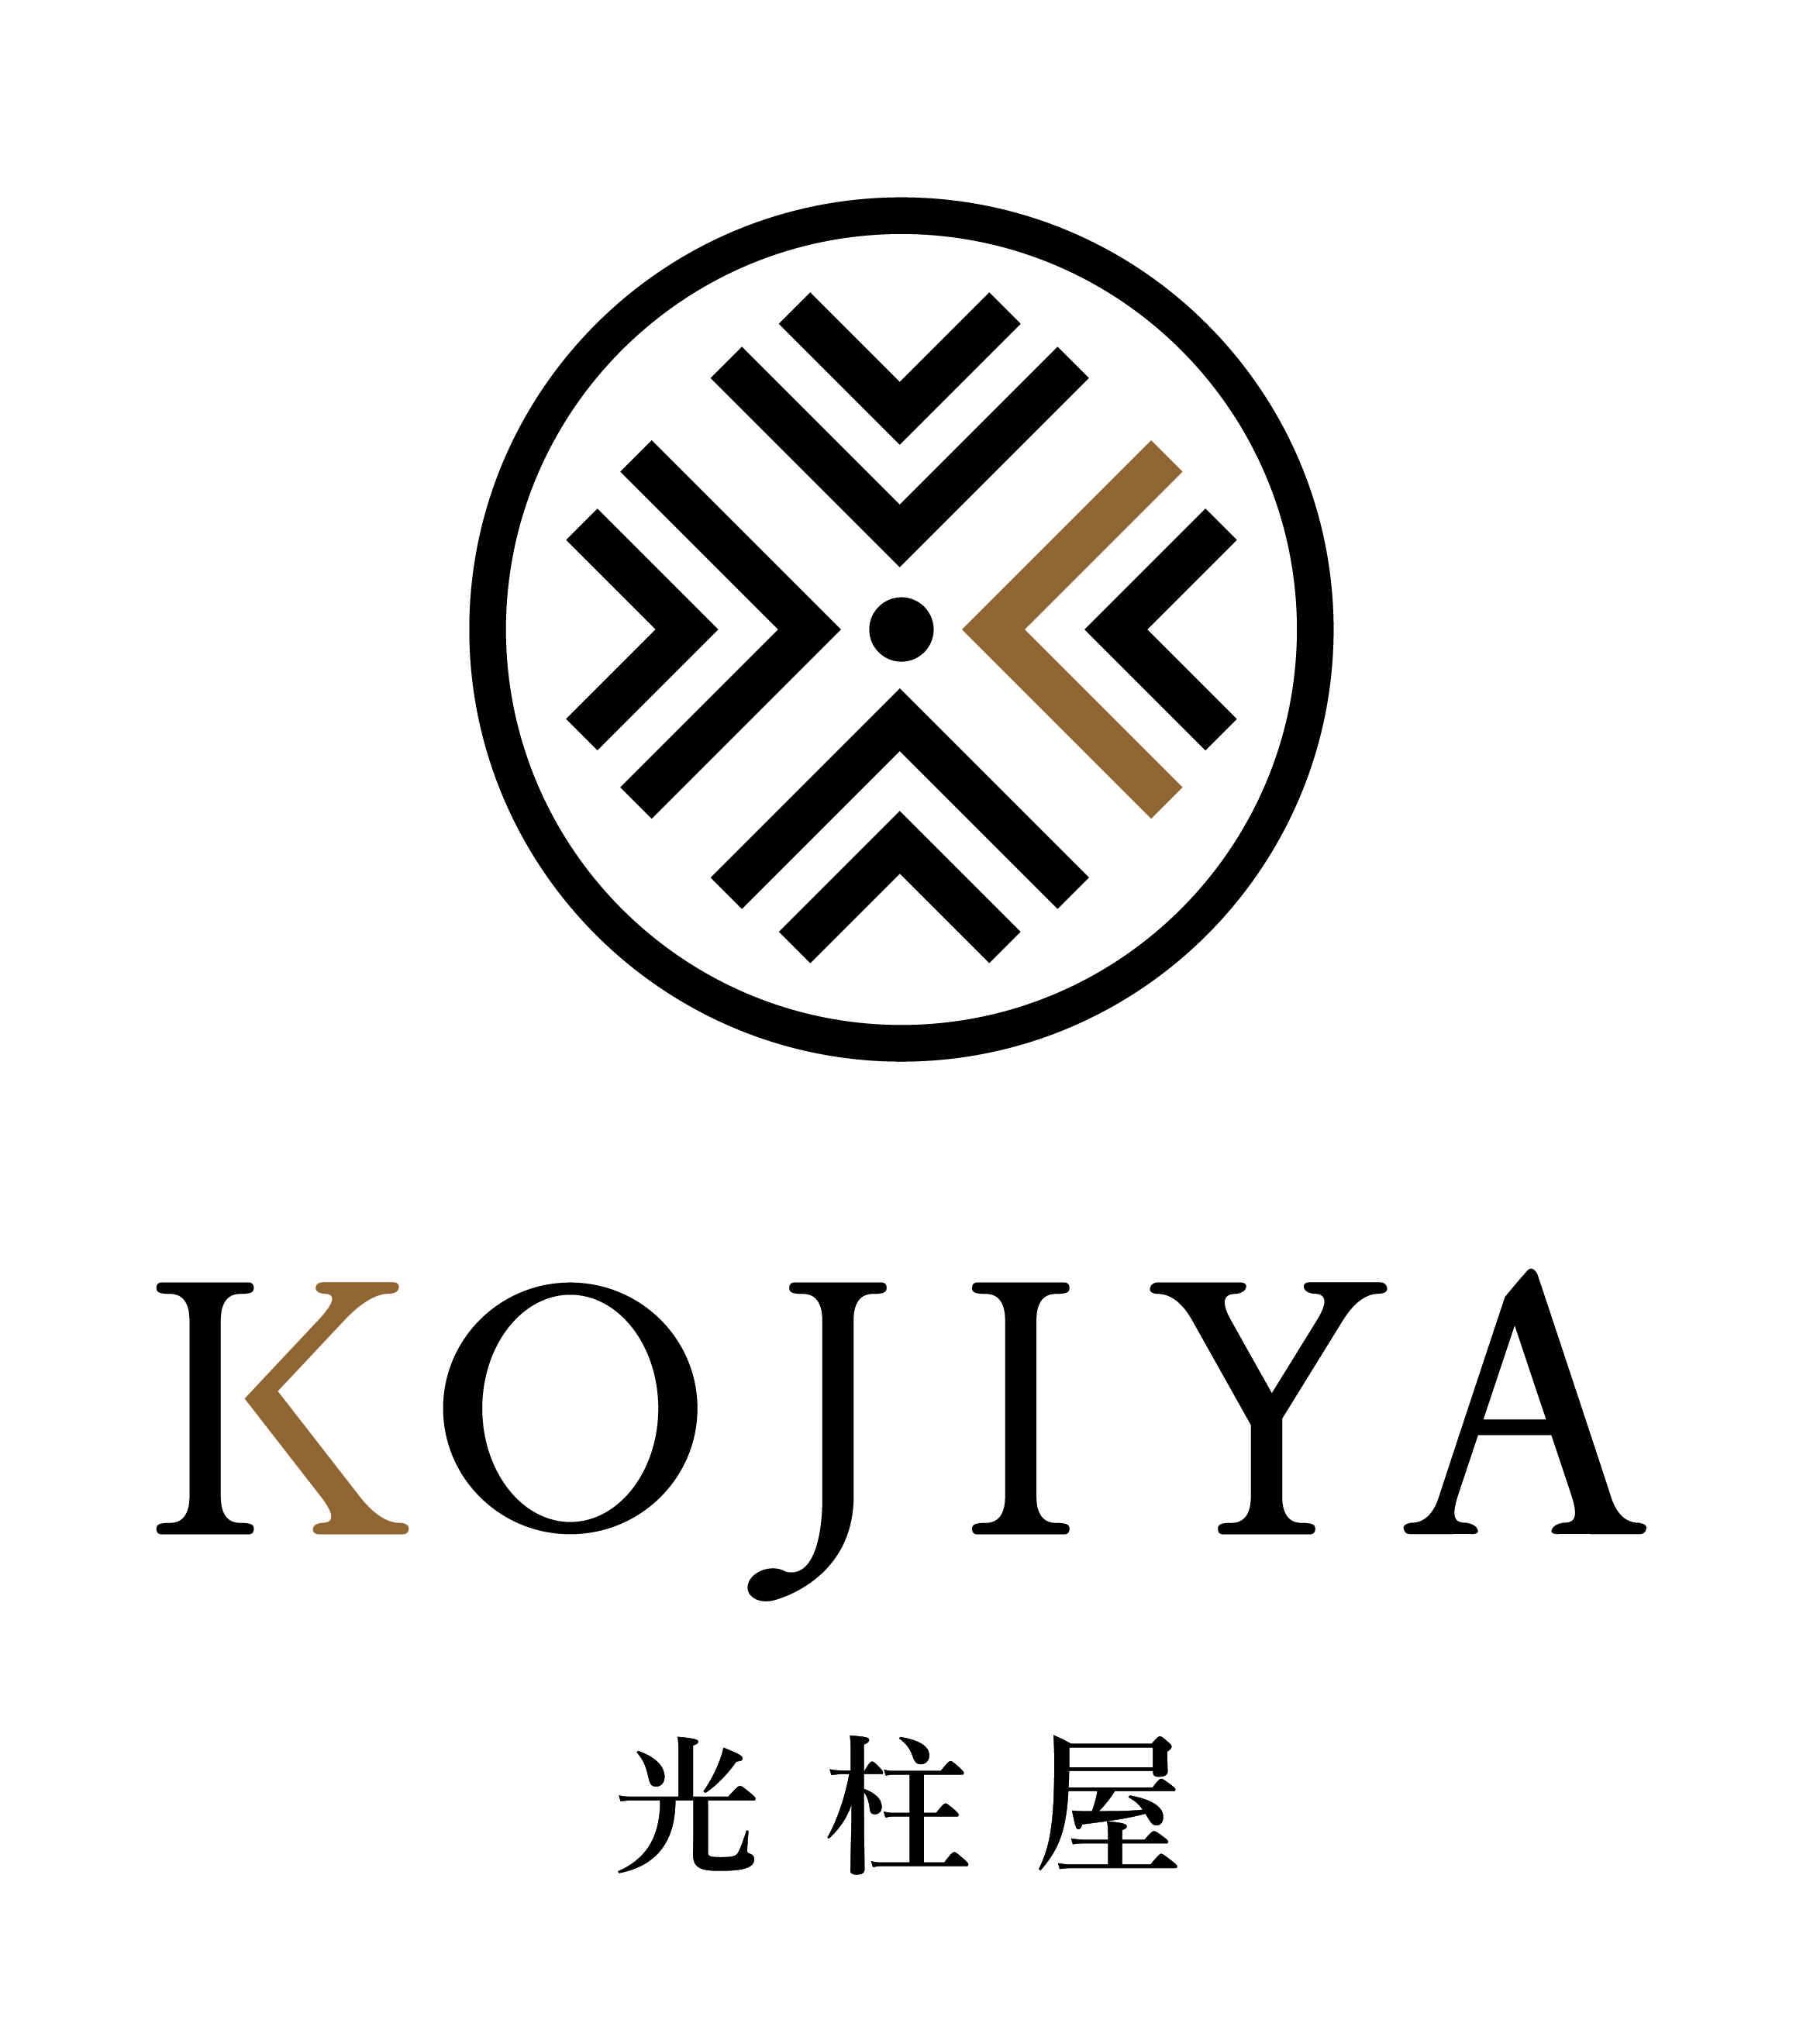 KOJIYA-質のこうじや-